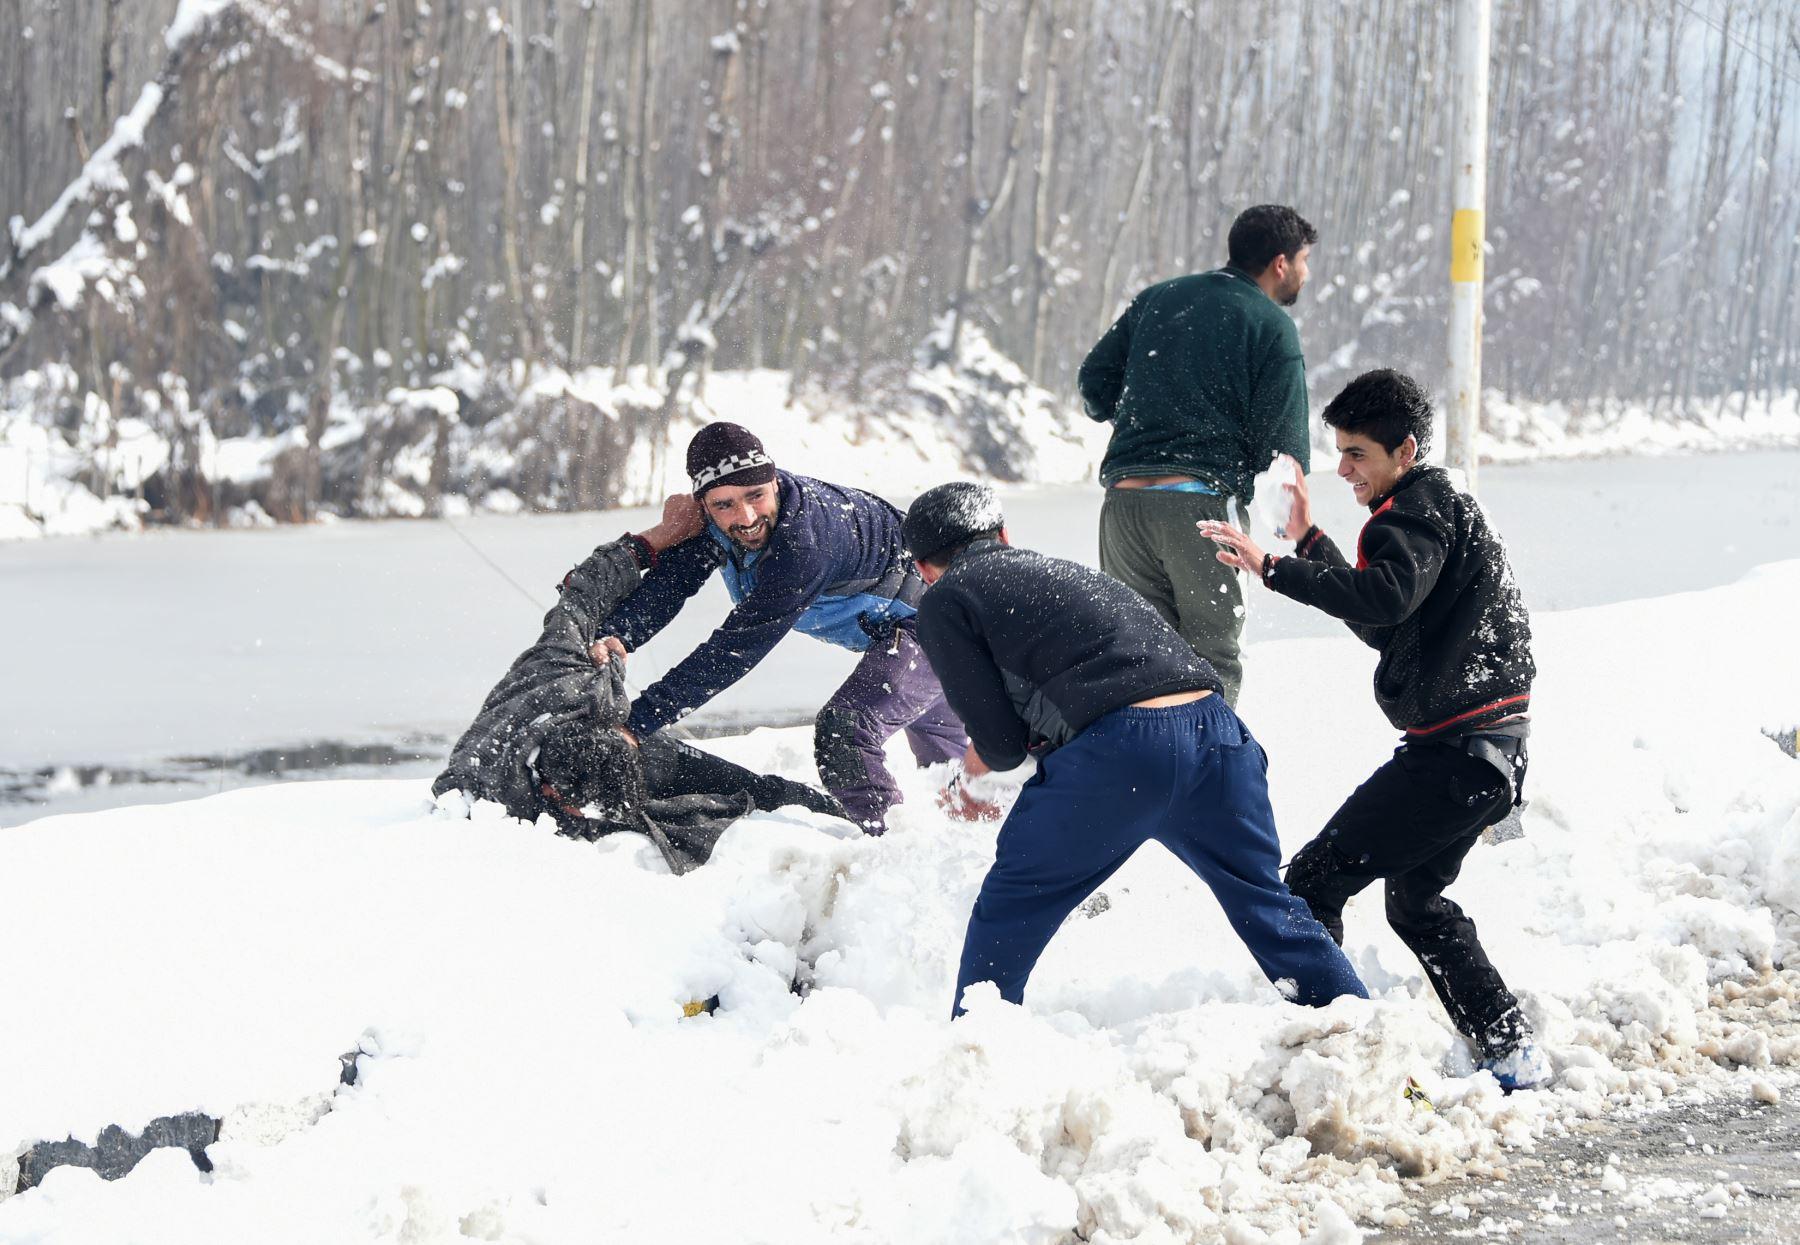 Los jóvenes de Cachemira juegan con nieve en las orillas del lago Dal después de la nevada en Srinagar.  AFP